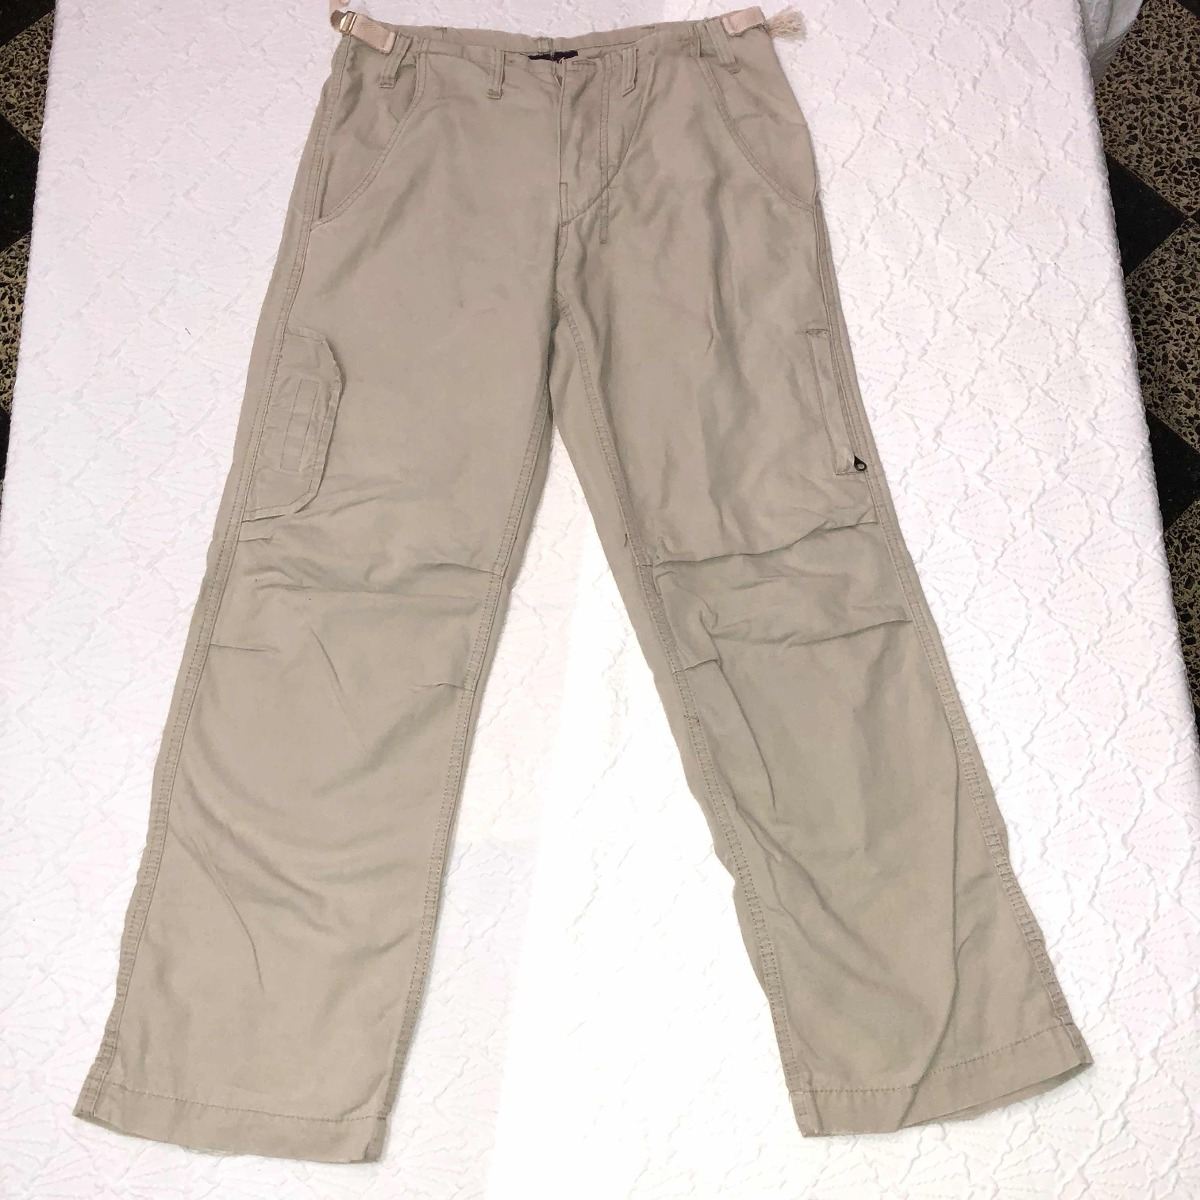 En 00 Pantalon Talle Cargo Mercado Narrow 31 Libre Hombre550 zMpSUV